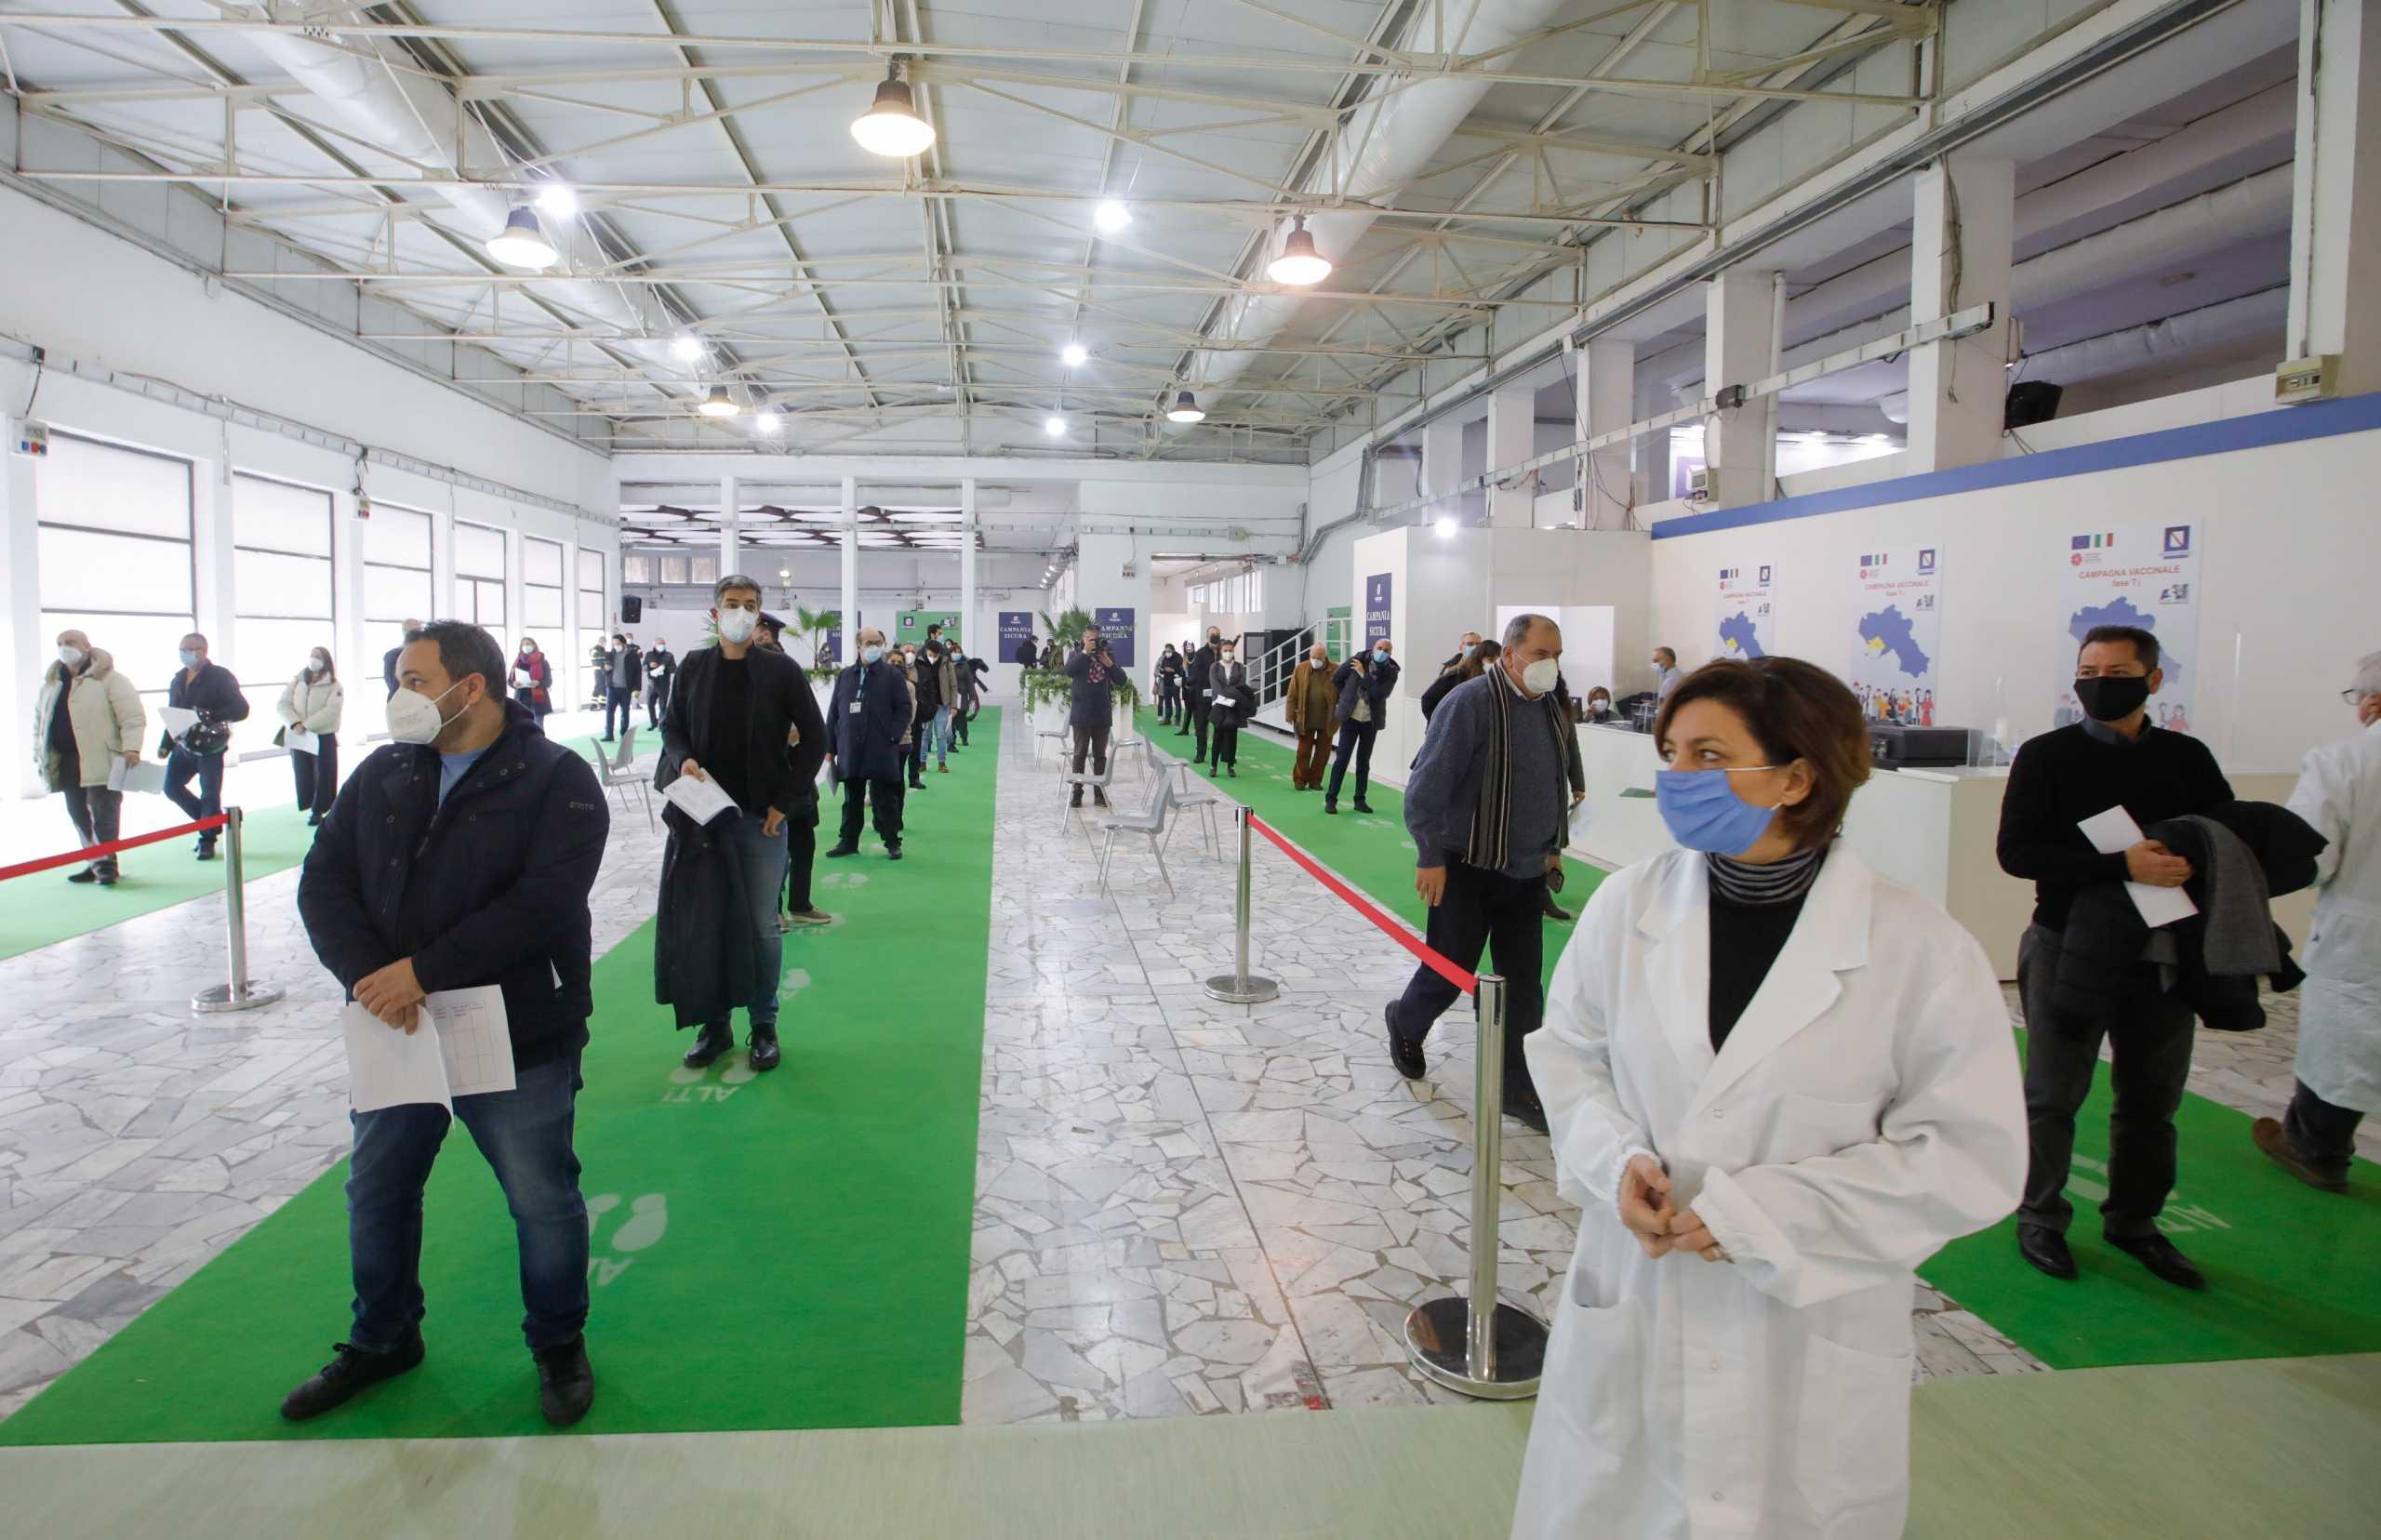 Ιταλία: Αλλαγές στη στρατηγική εμβολιασμού ζητά σύμβουλος της κυβέρνησης – «Απαιτείται οργάνωση στρατιωτικού τύπου»